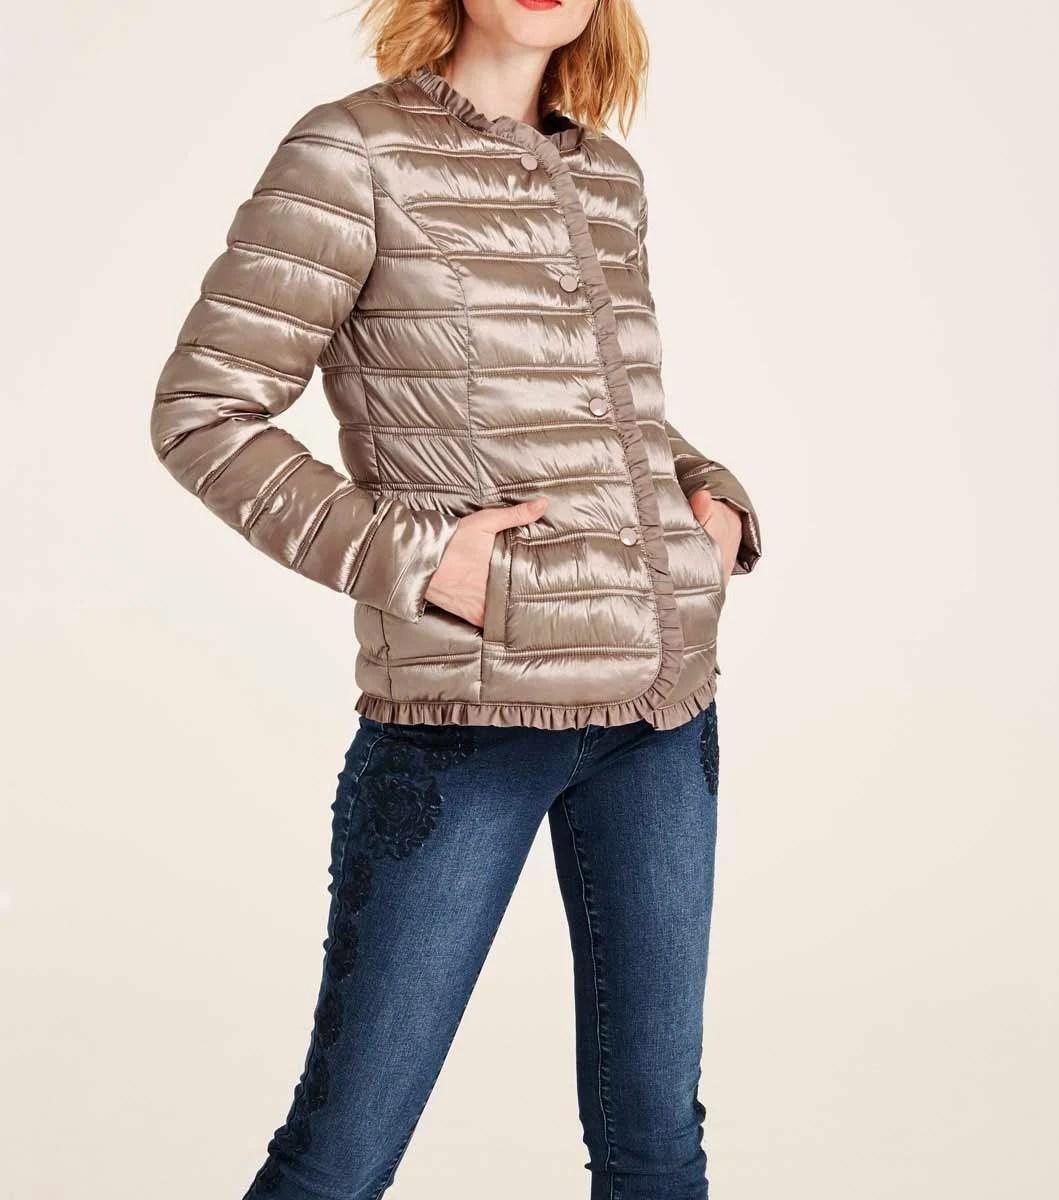 jacken auf rechnung bestellen als neukunde HEINE Damen Designer-Steppjacke Metallic Rosa Kurz Glänzend Rüschen Staubrosa 559.057 MISSFORTY